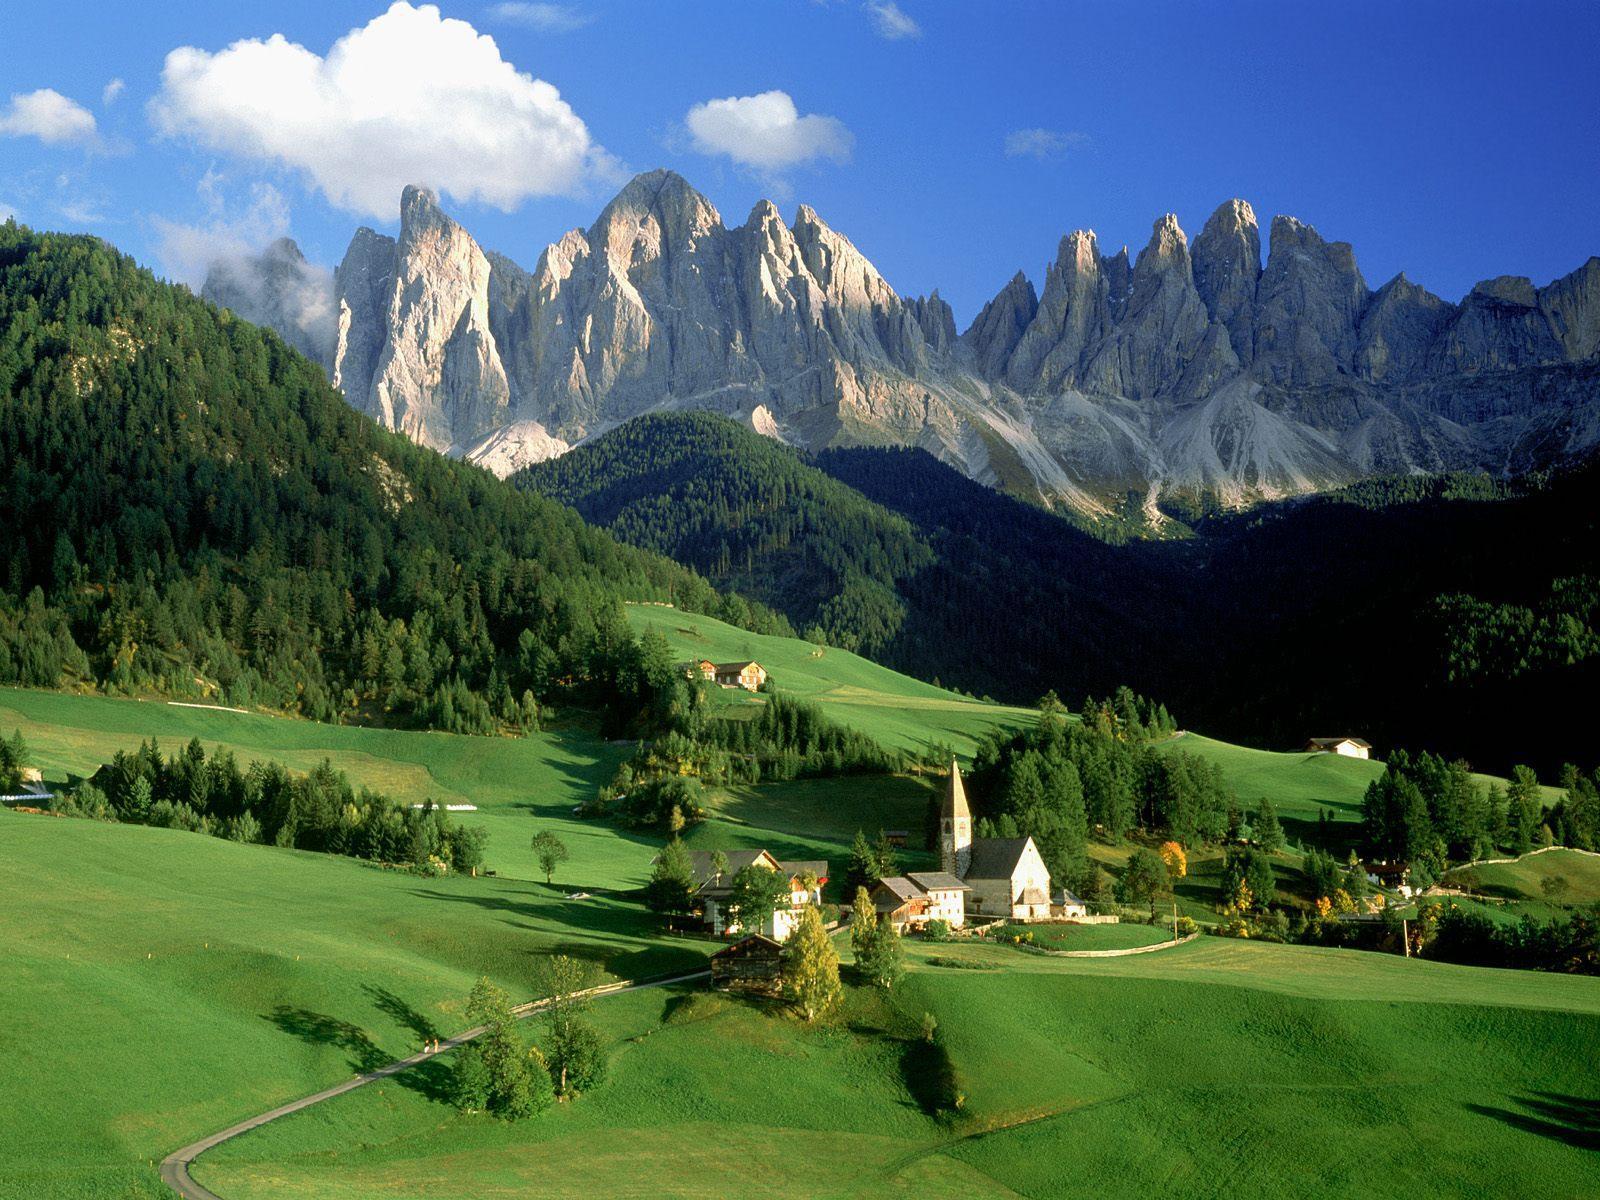 イタリア世界遺産「ドロミテ山塊/フネス谷」カレンダー